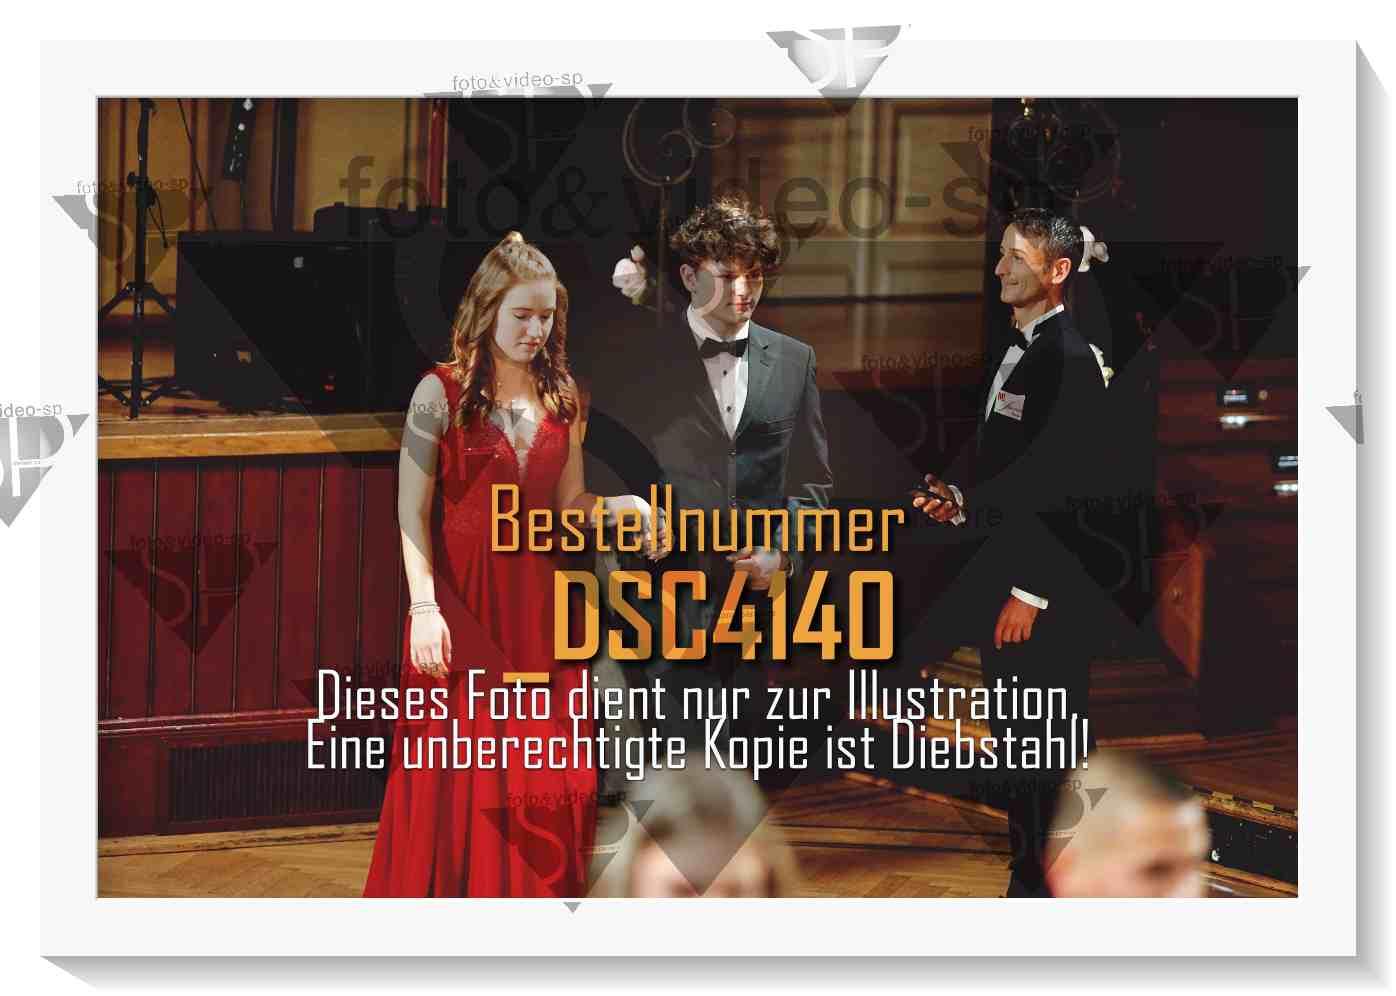 DSC4140